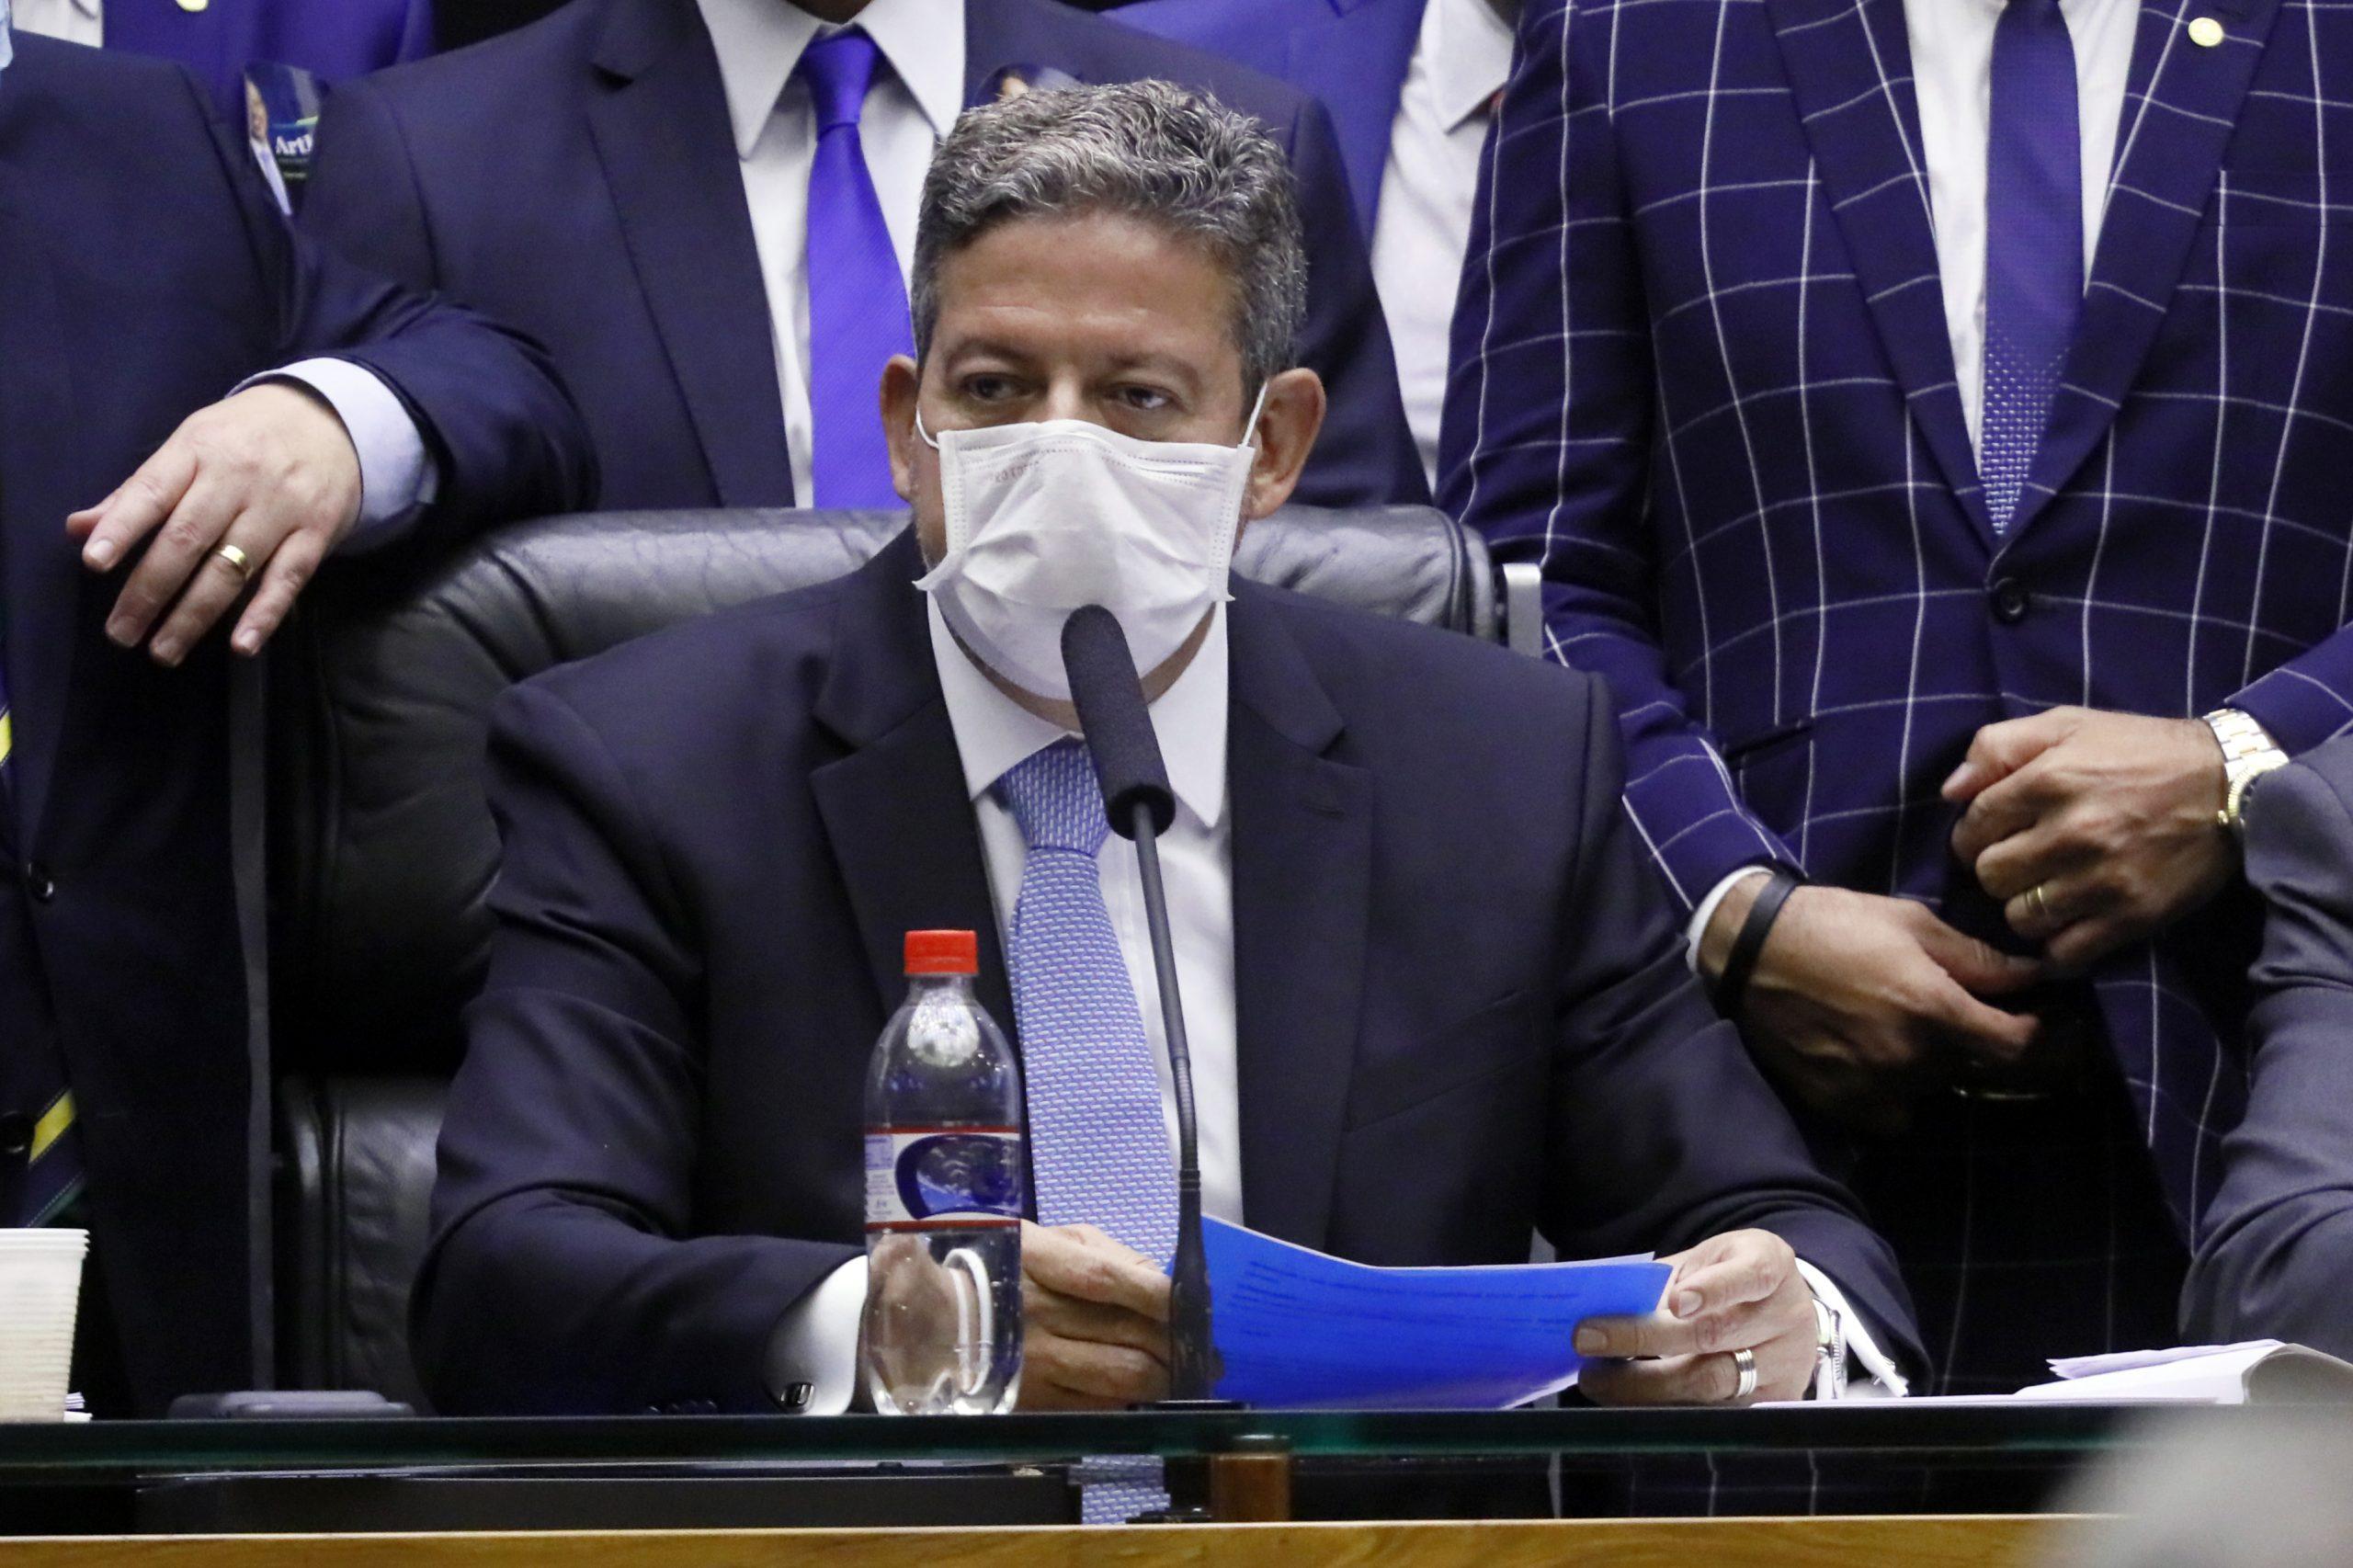 Novo presidente da Câmara dos Deputados, Arthur Lira. Foto: Michel Jesus/Câmara dos Deputados